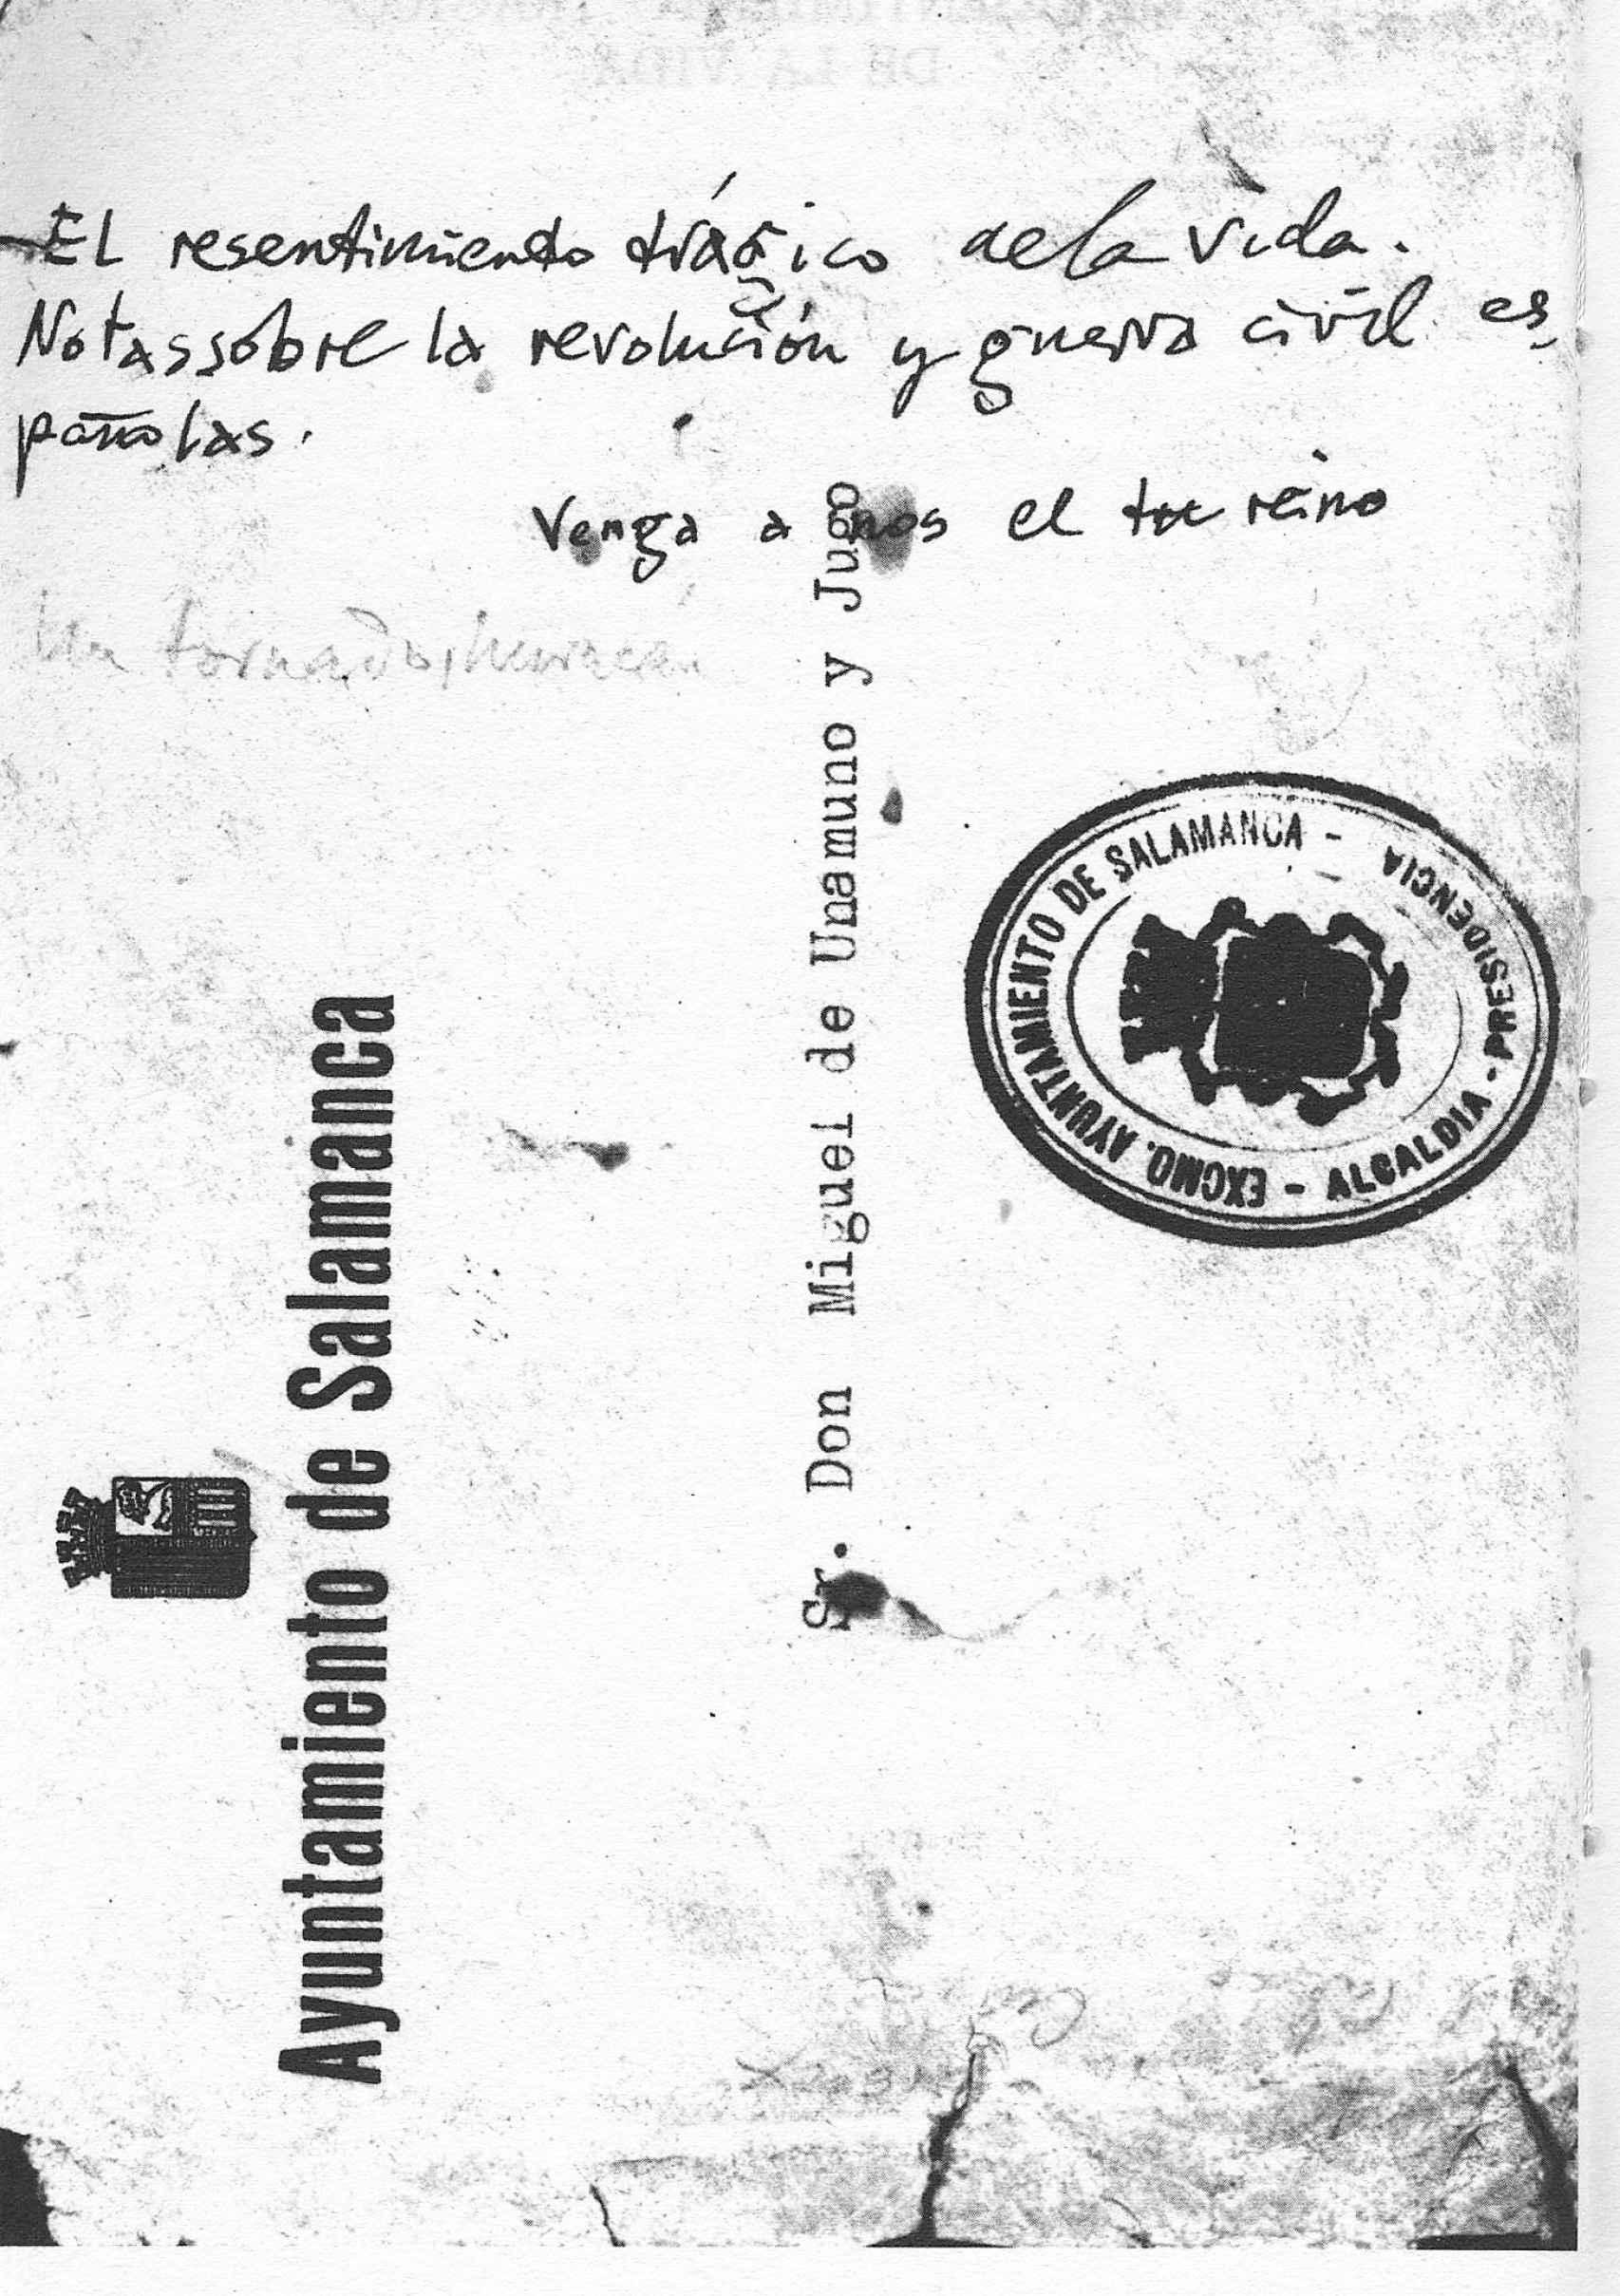 Manuscrito con el título de su libro El resentimiento trágico de la vida, en una carta de la Casa Museo de Unamuno.